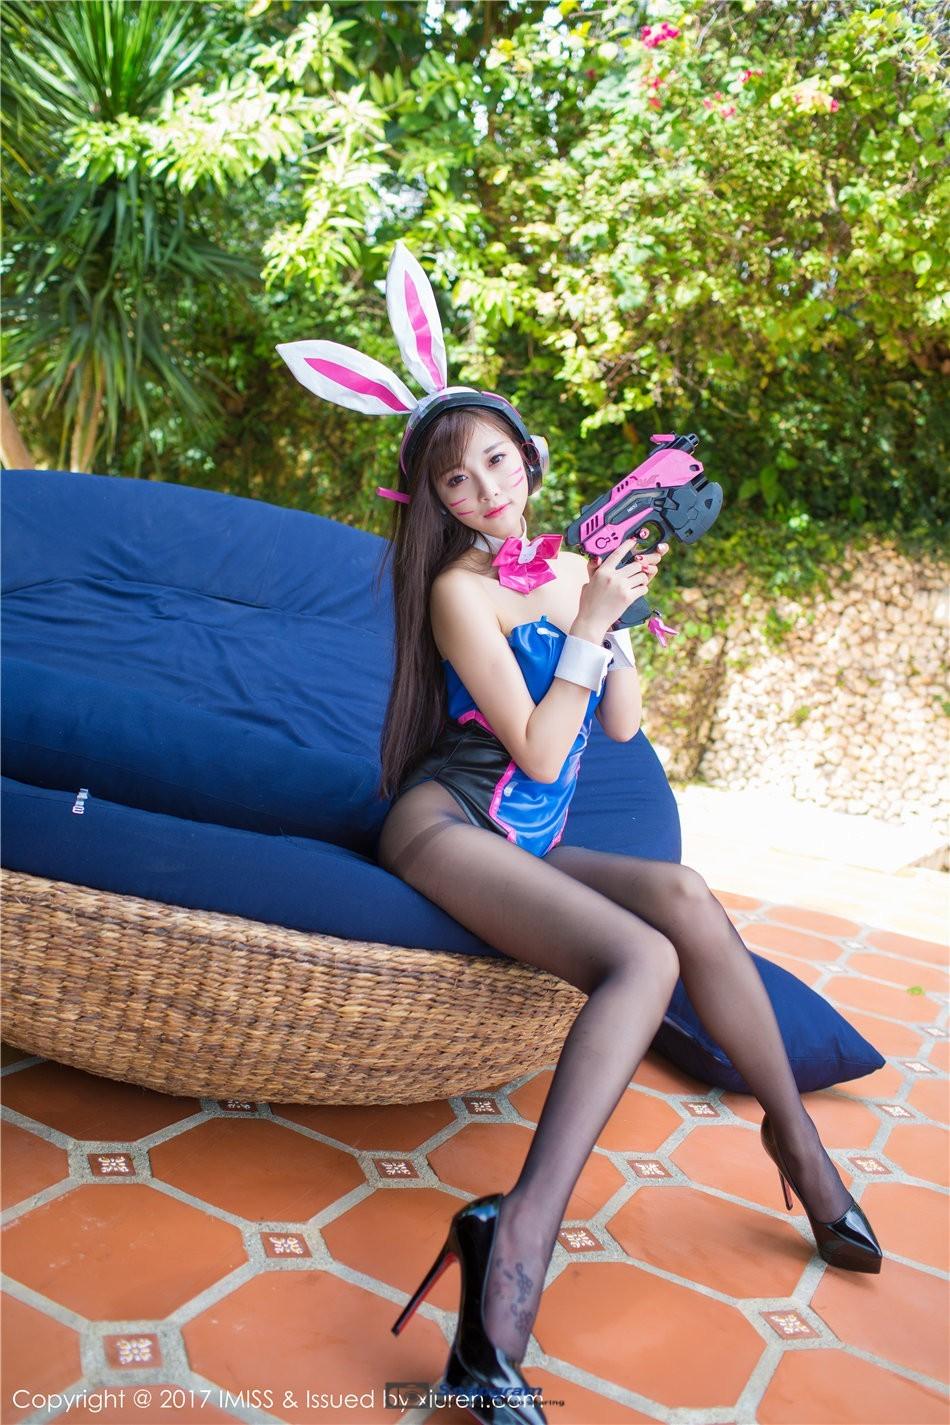 黑丝爆乳兔女郎修长美腿高跟写真